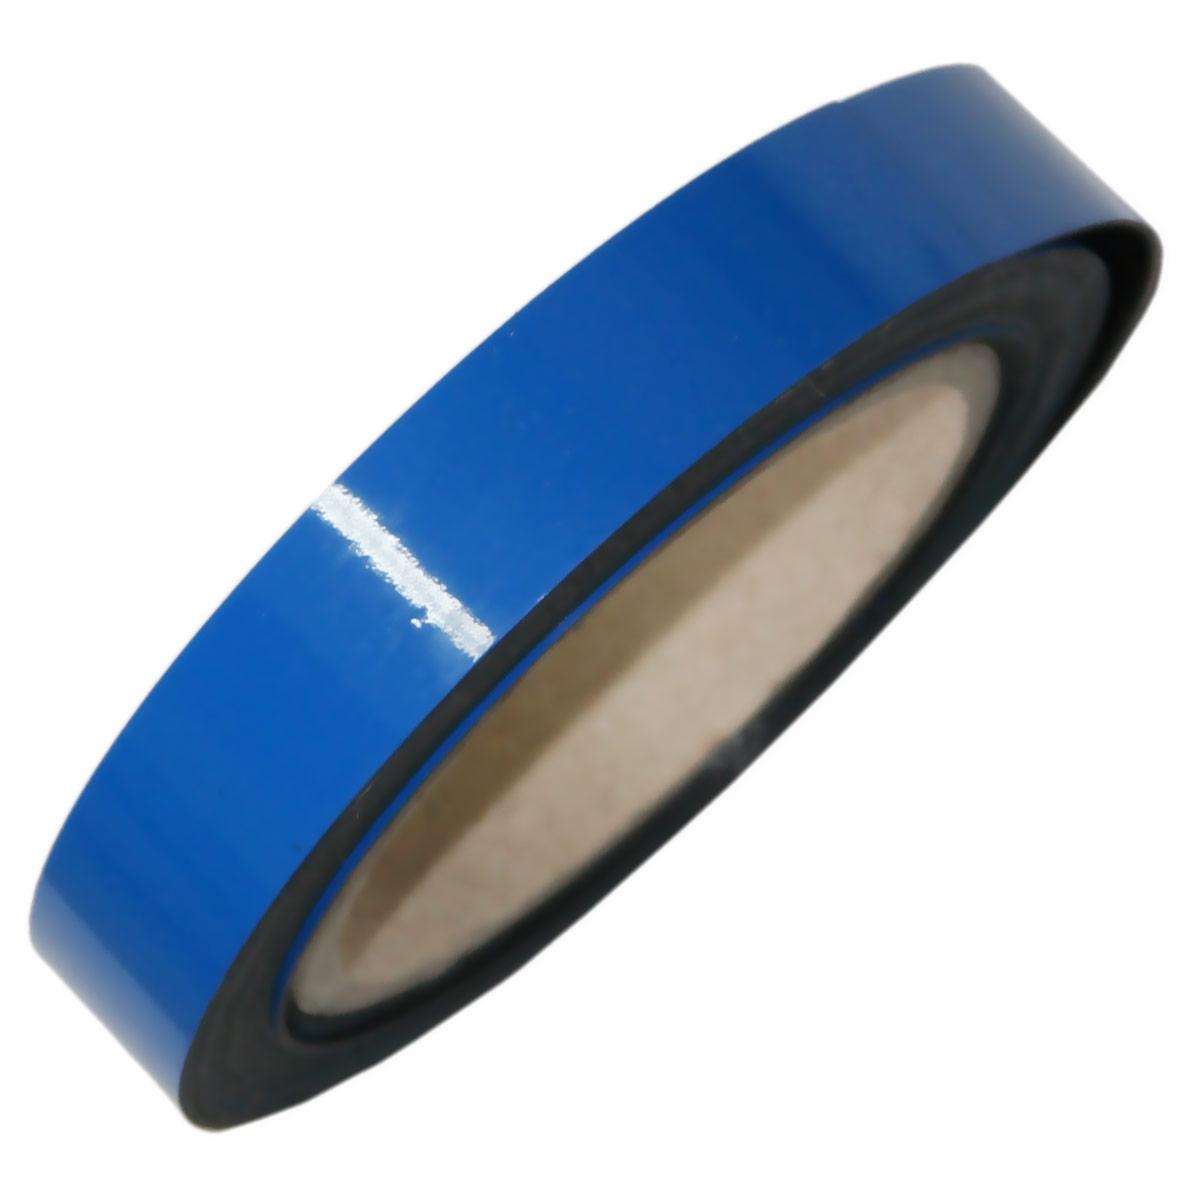 c85a45a34ef413 Pasek magnetyczny niebieski Wymiar: 2 cm x 5 m Grubość: 0,85 mm ...